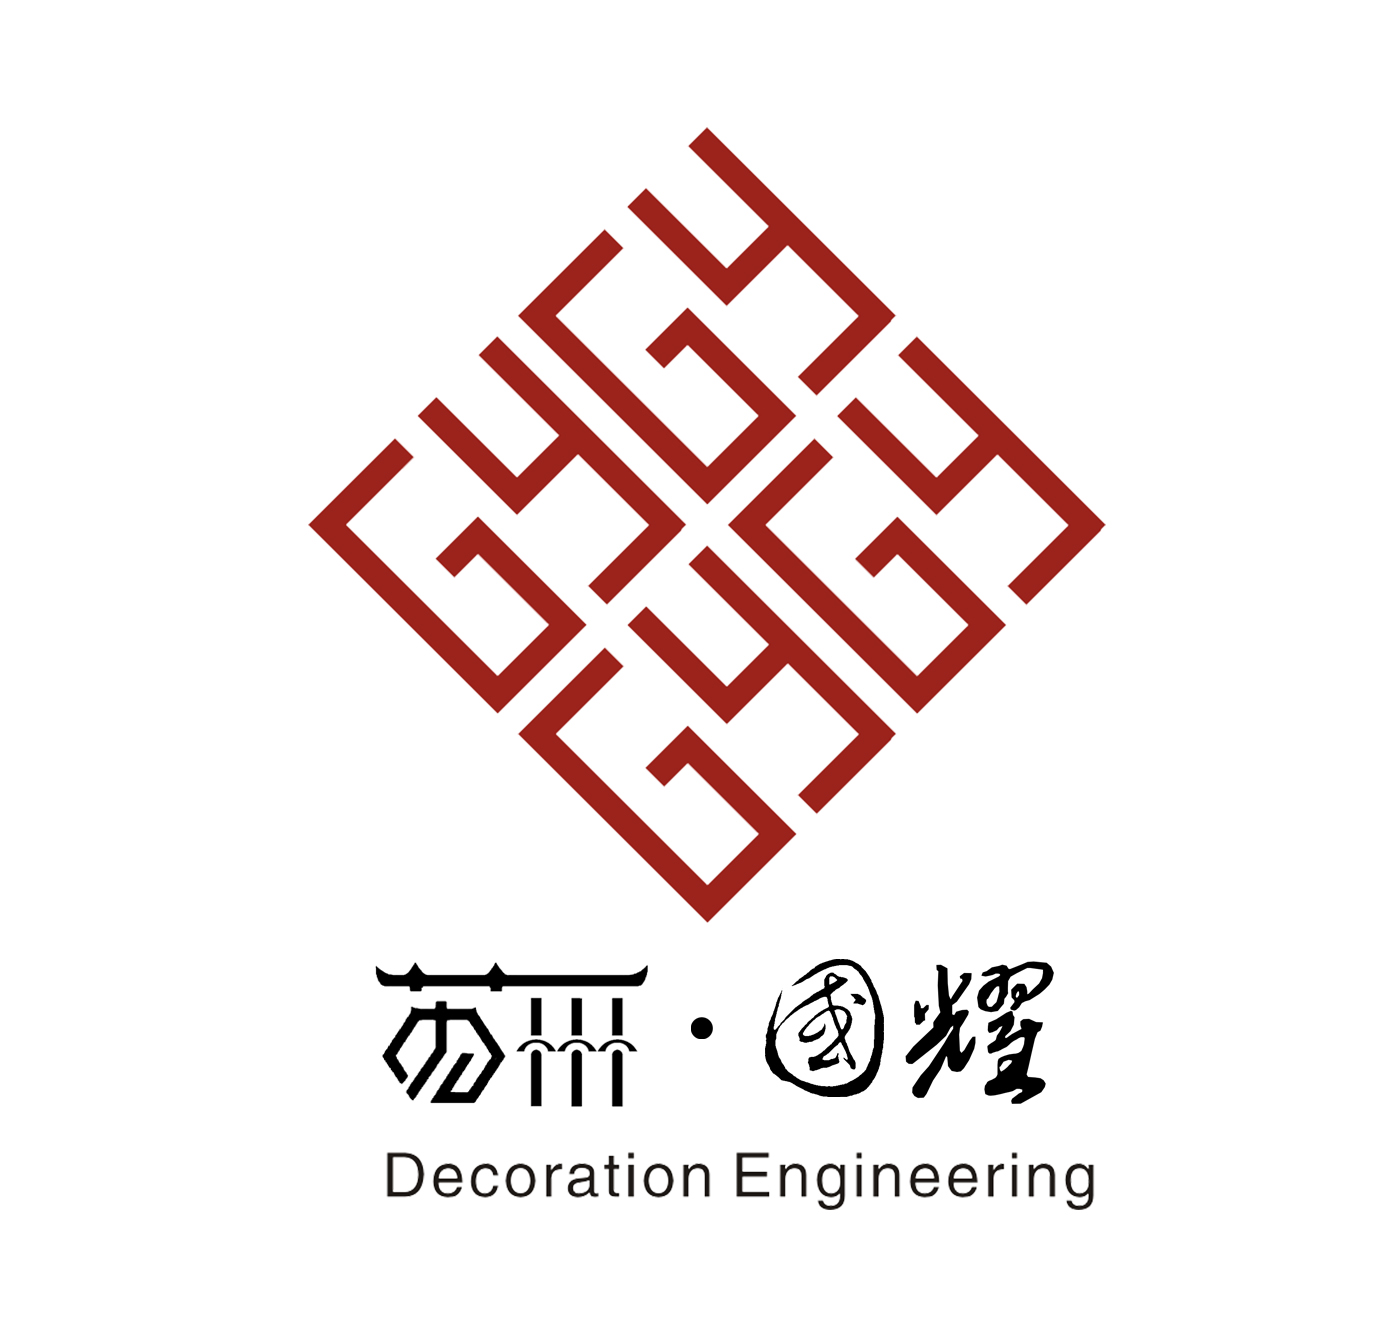 苏州国耀装饰工程有限公司